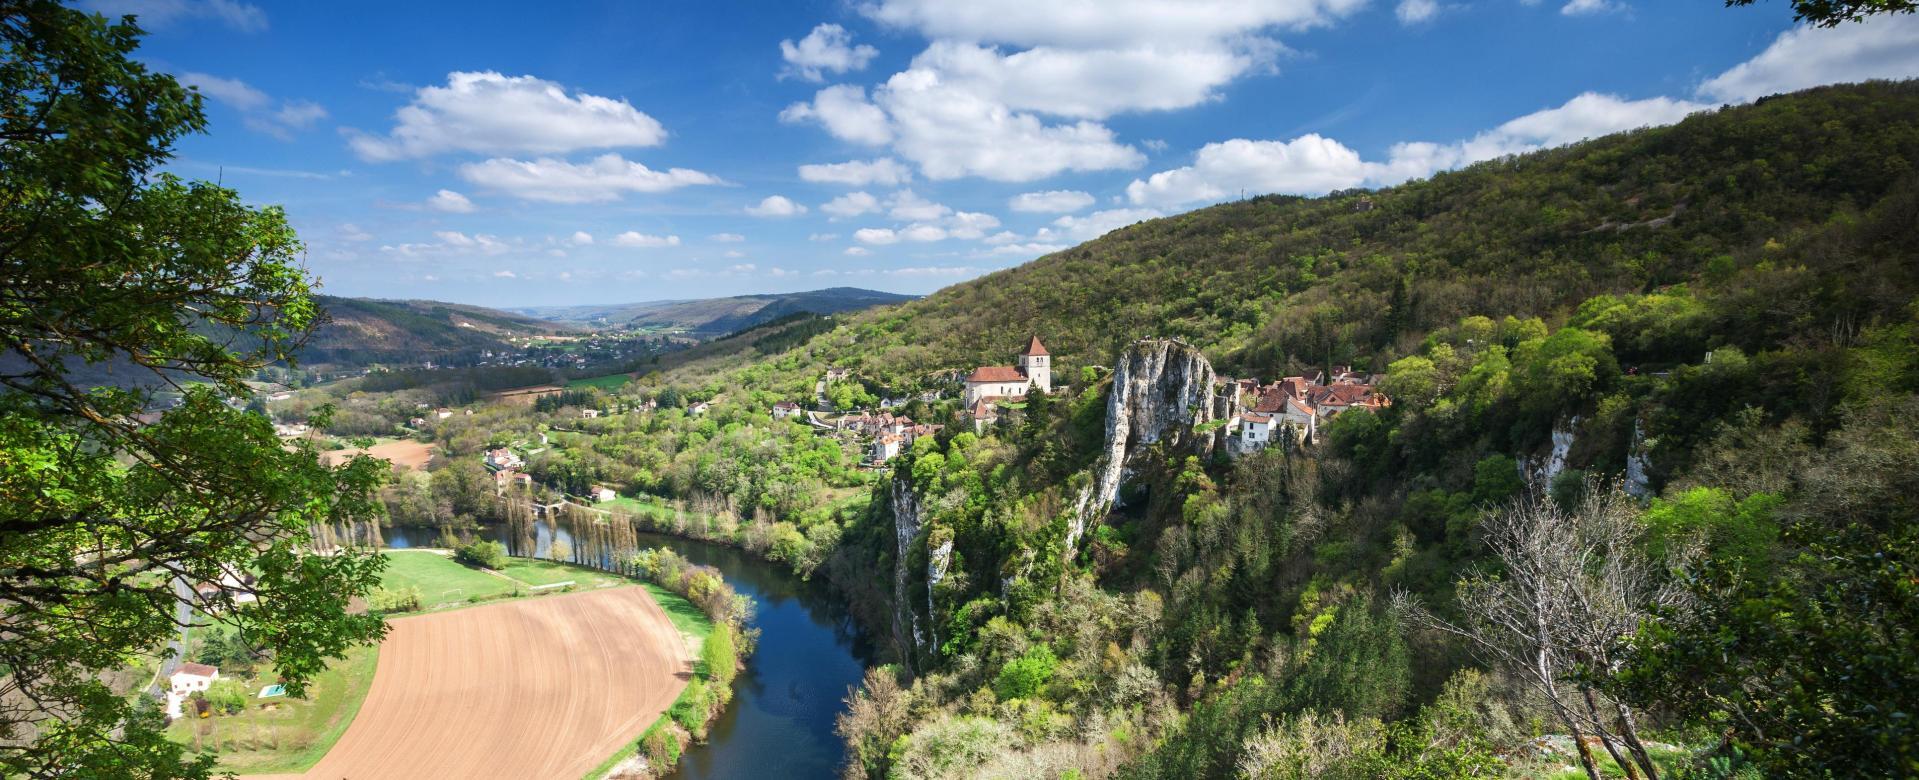 Voyage à pied France : Conques-cahors par la vallée du célé